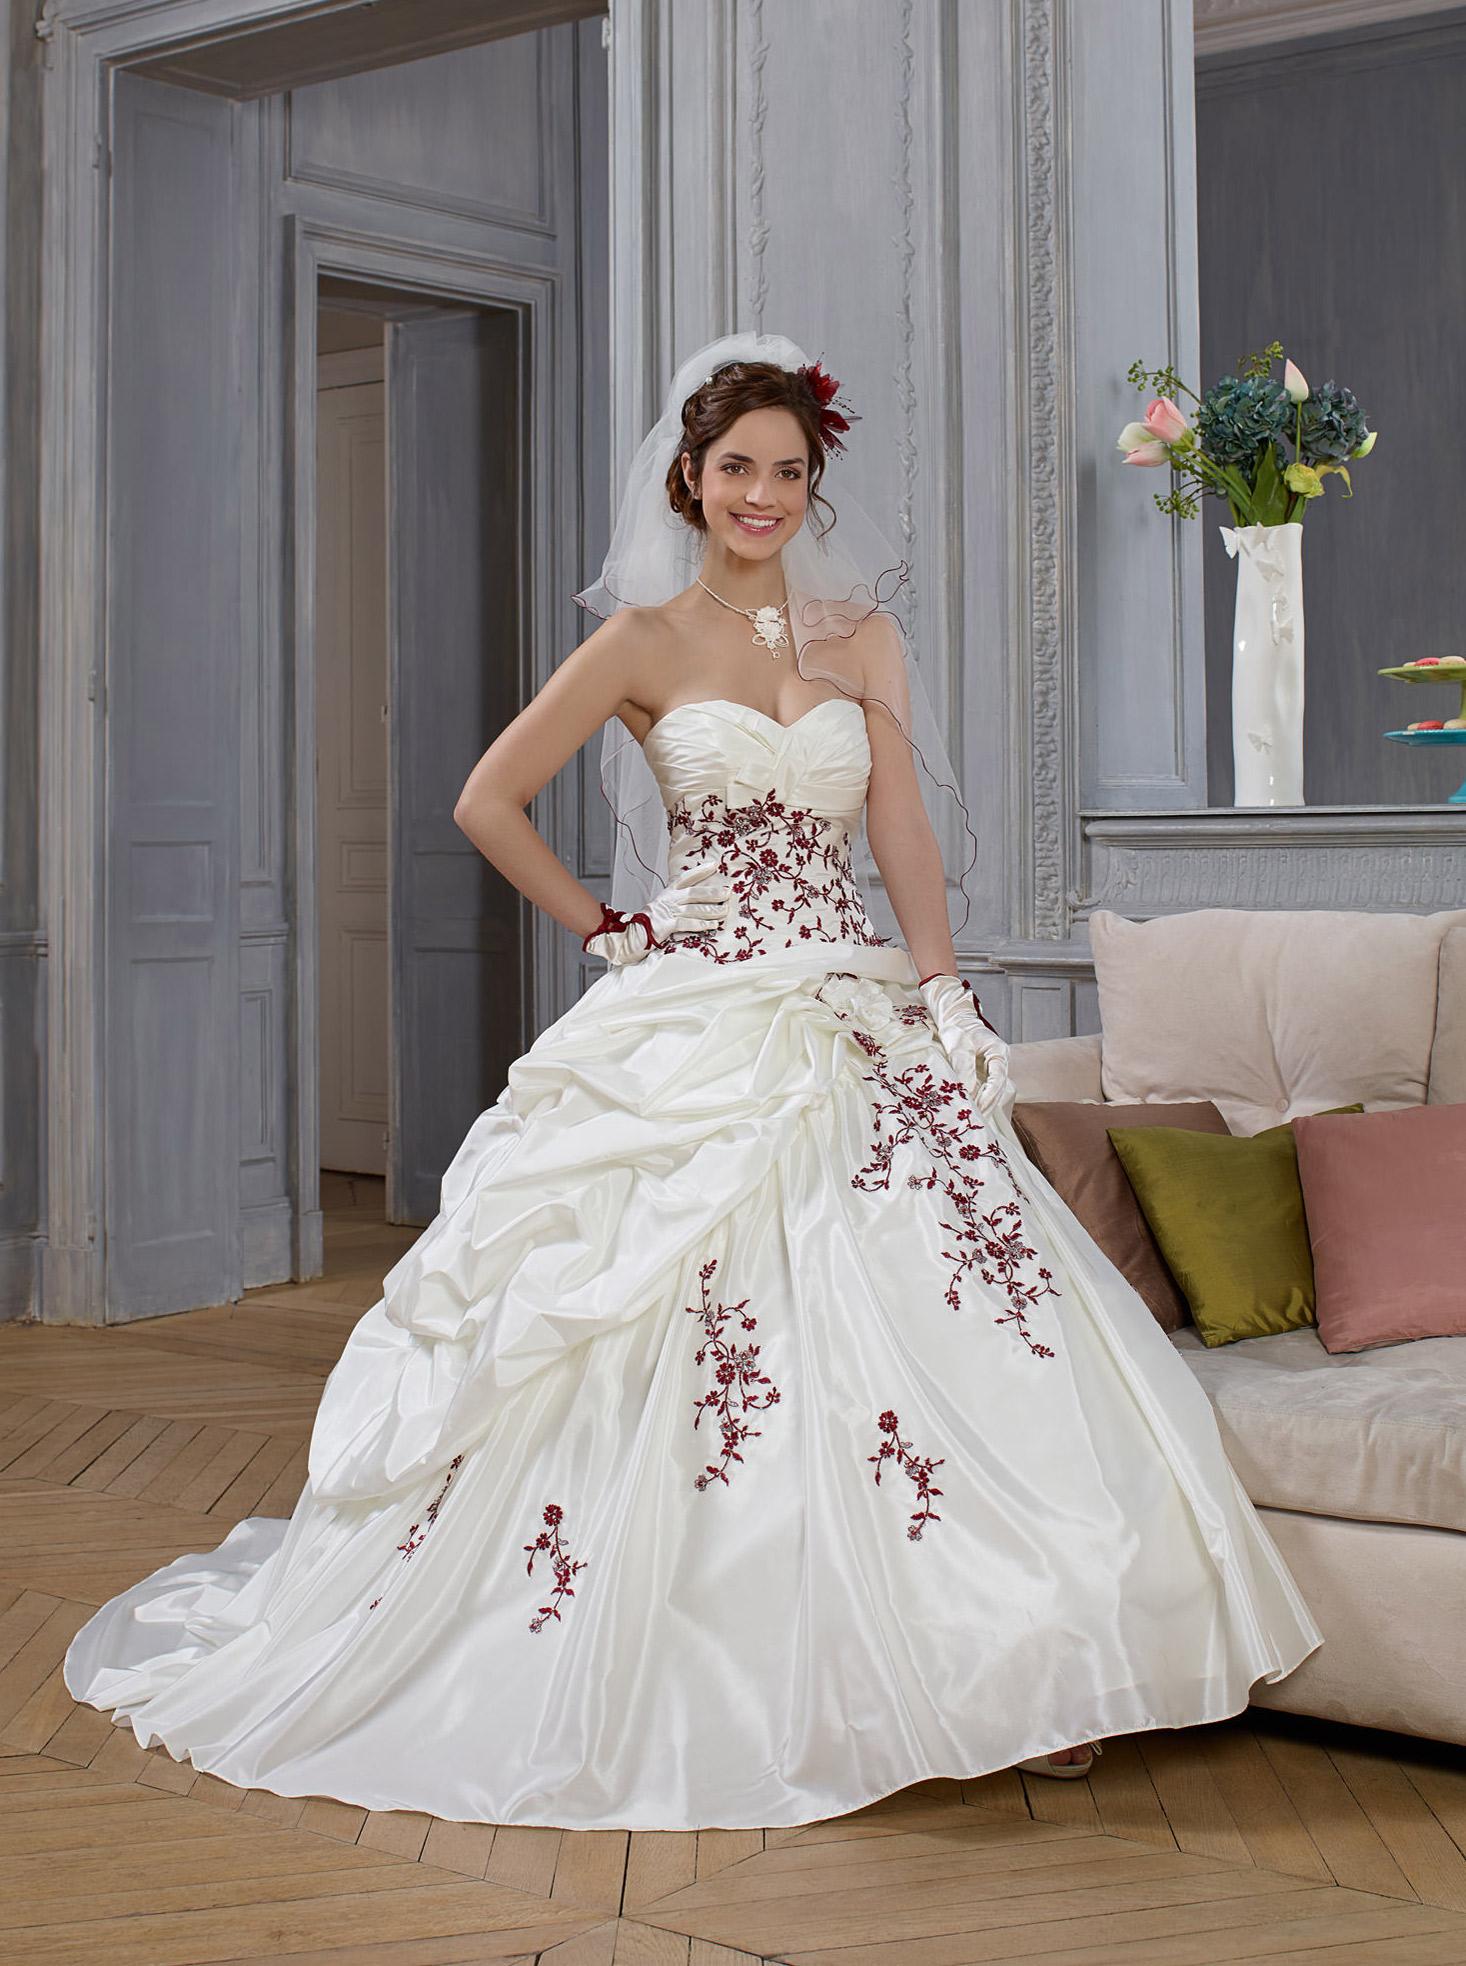 Robe de mari e hellebre point mariage 549 99 for Boutiques de robes de mariage de miami